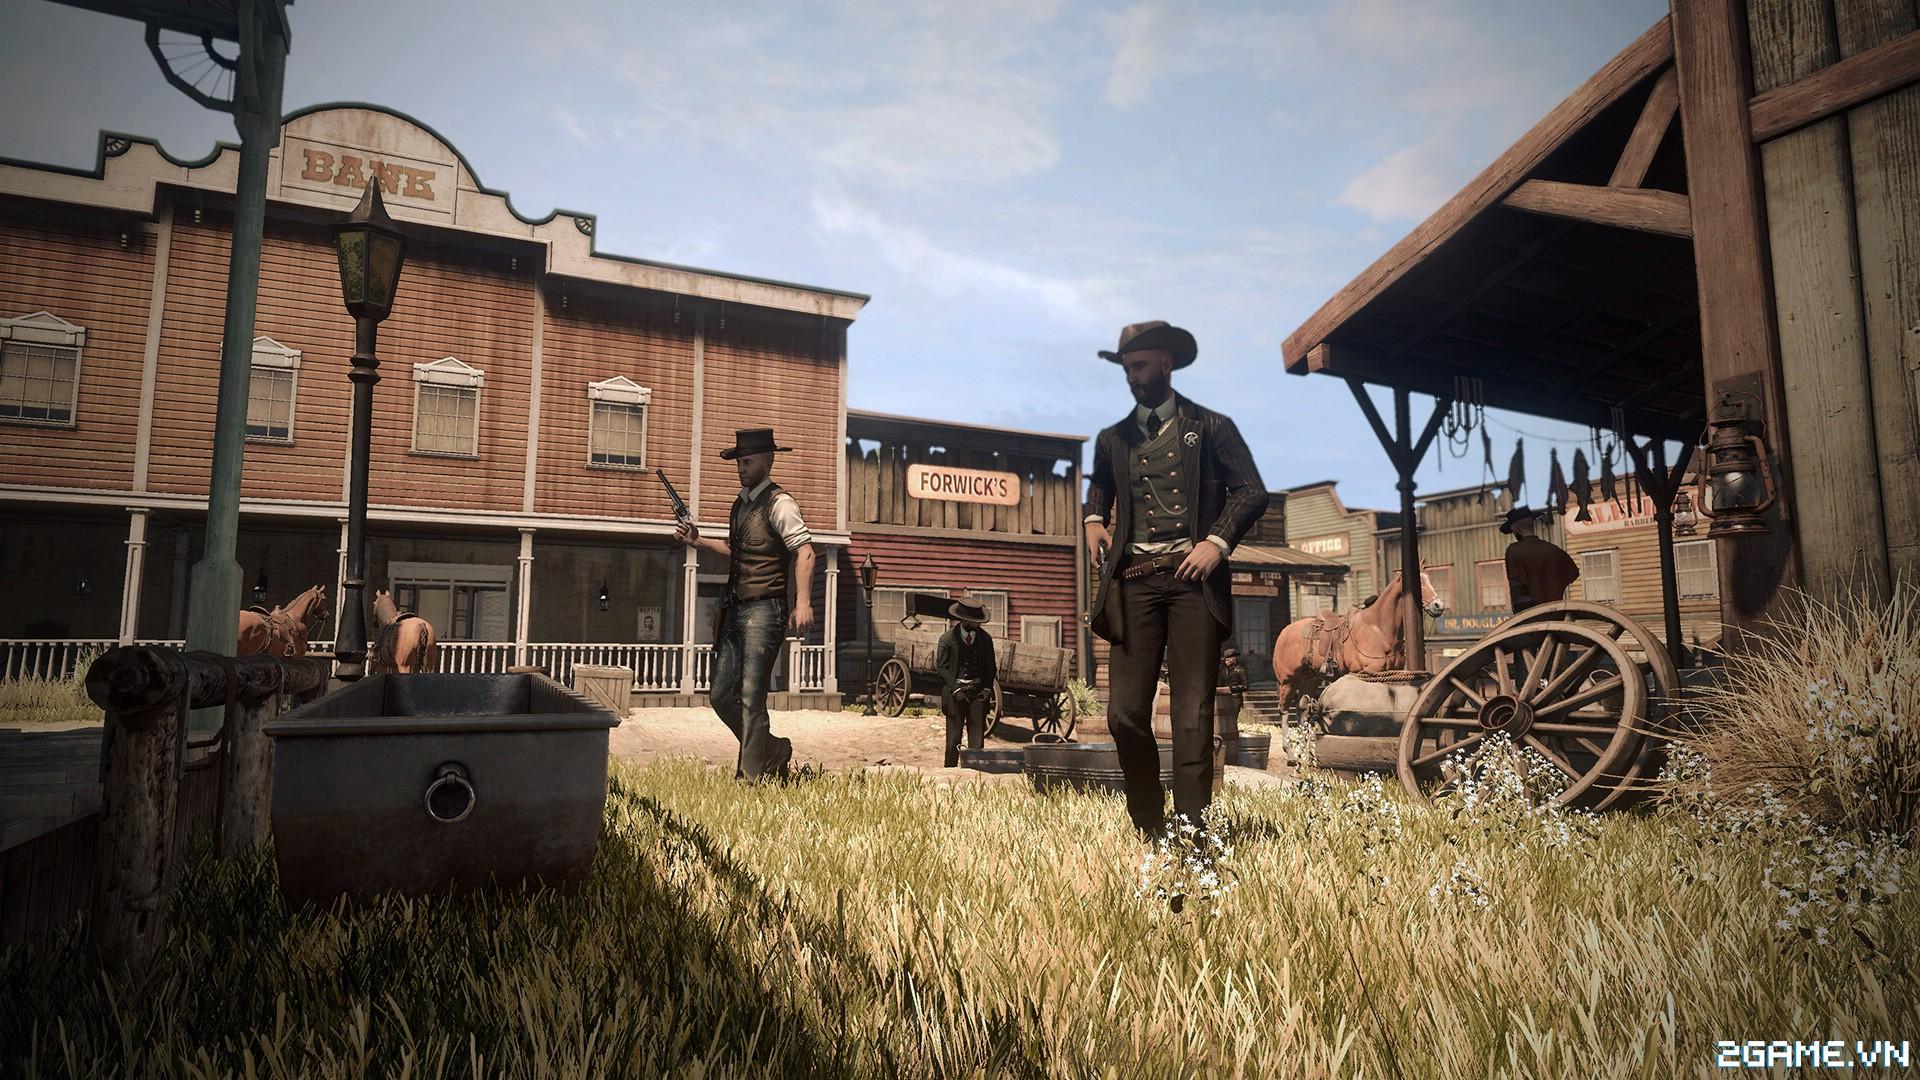 Wild West Online - Game nhập vai thế giới mở lấy bối cảnh Cao bồi miễn Viễn tay 4